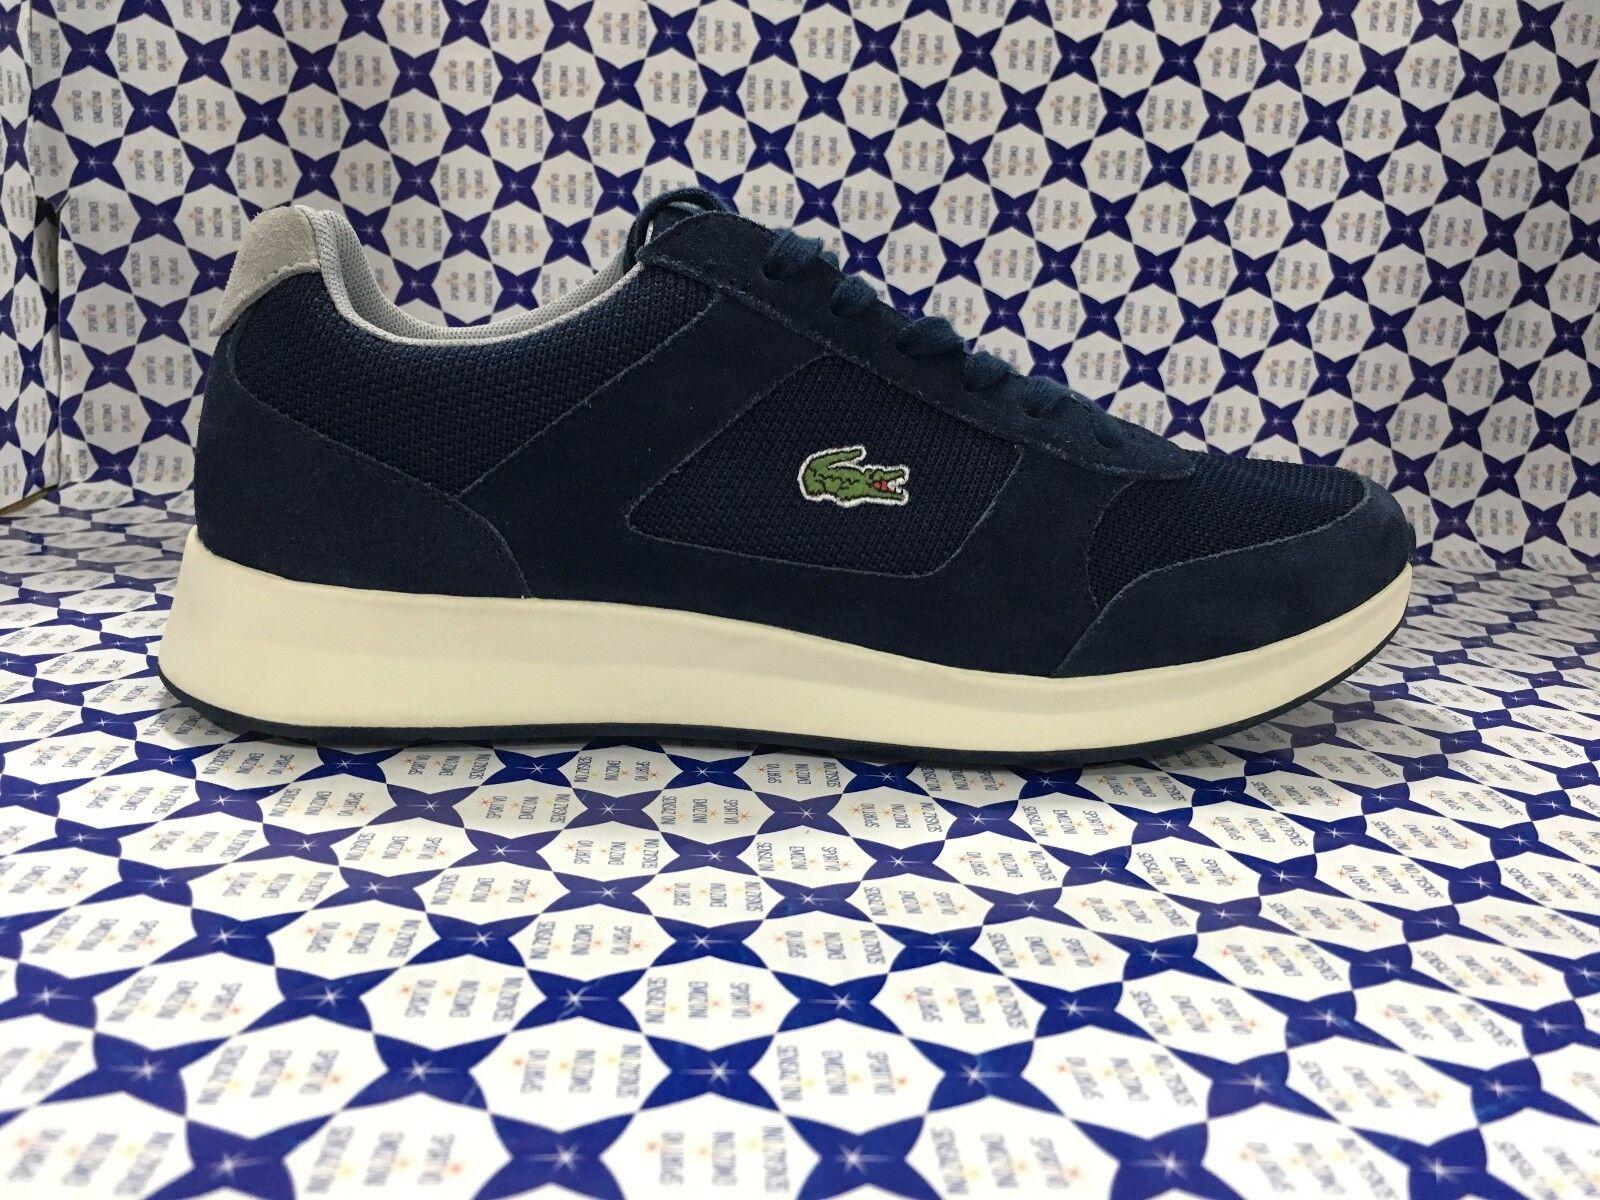 Zapatos LACOSTE hombre Sneakers Joggeur 117 117 117 - Blu Navy - SPM1008 e30440